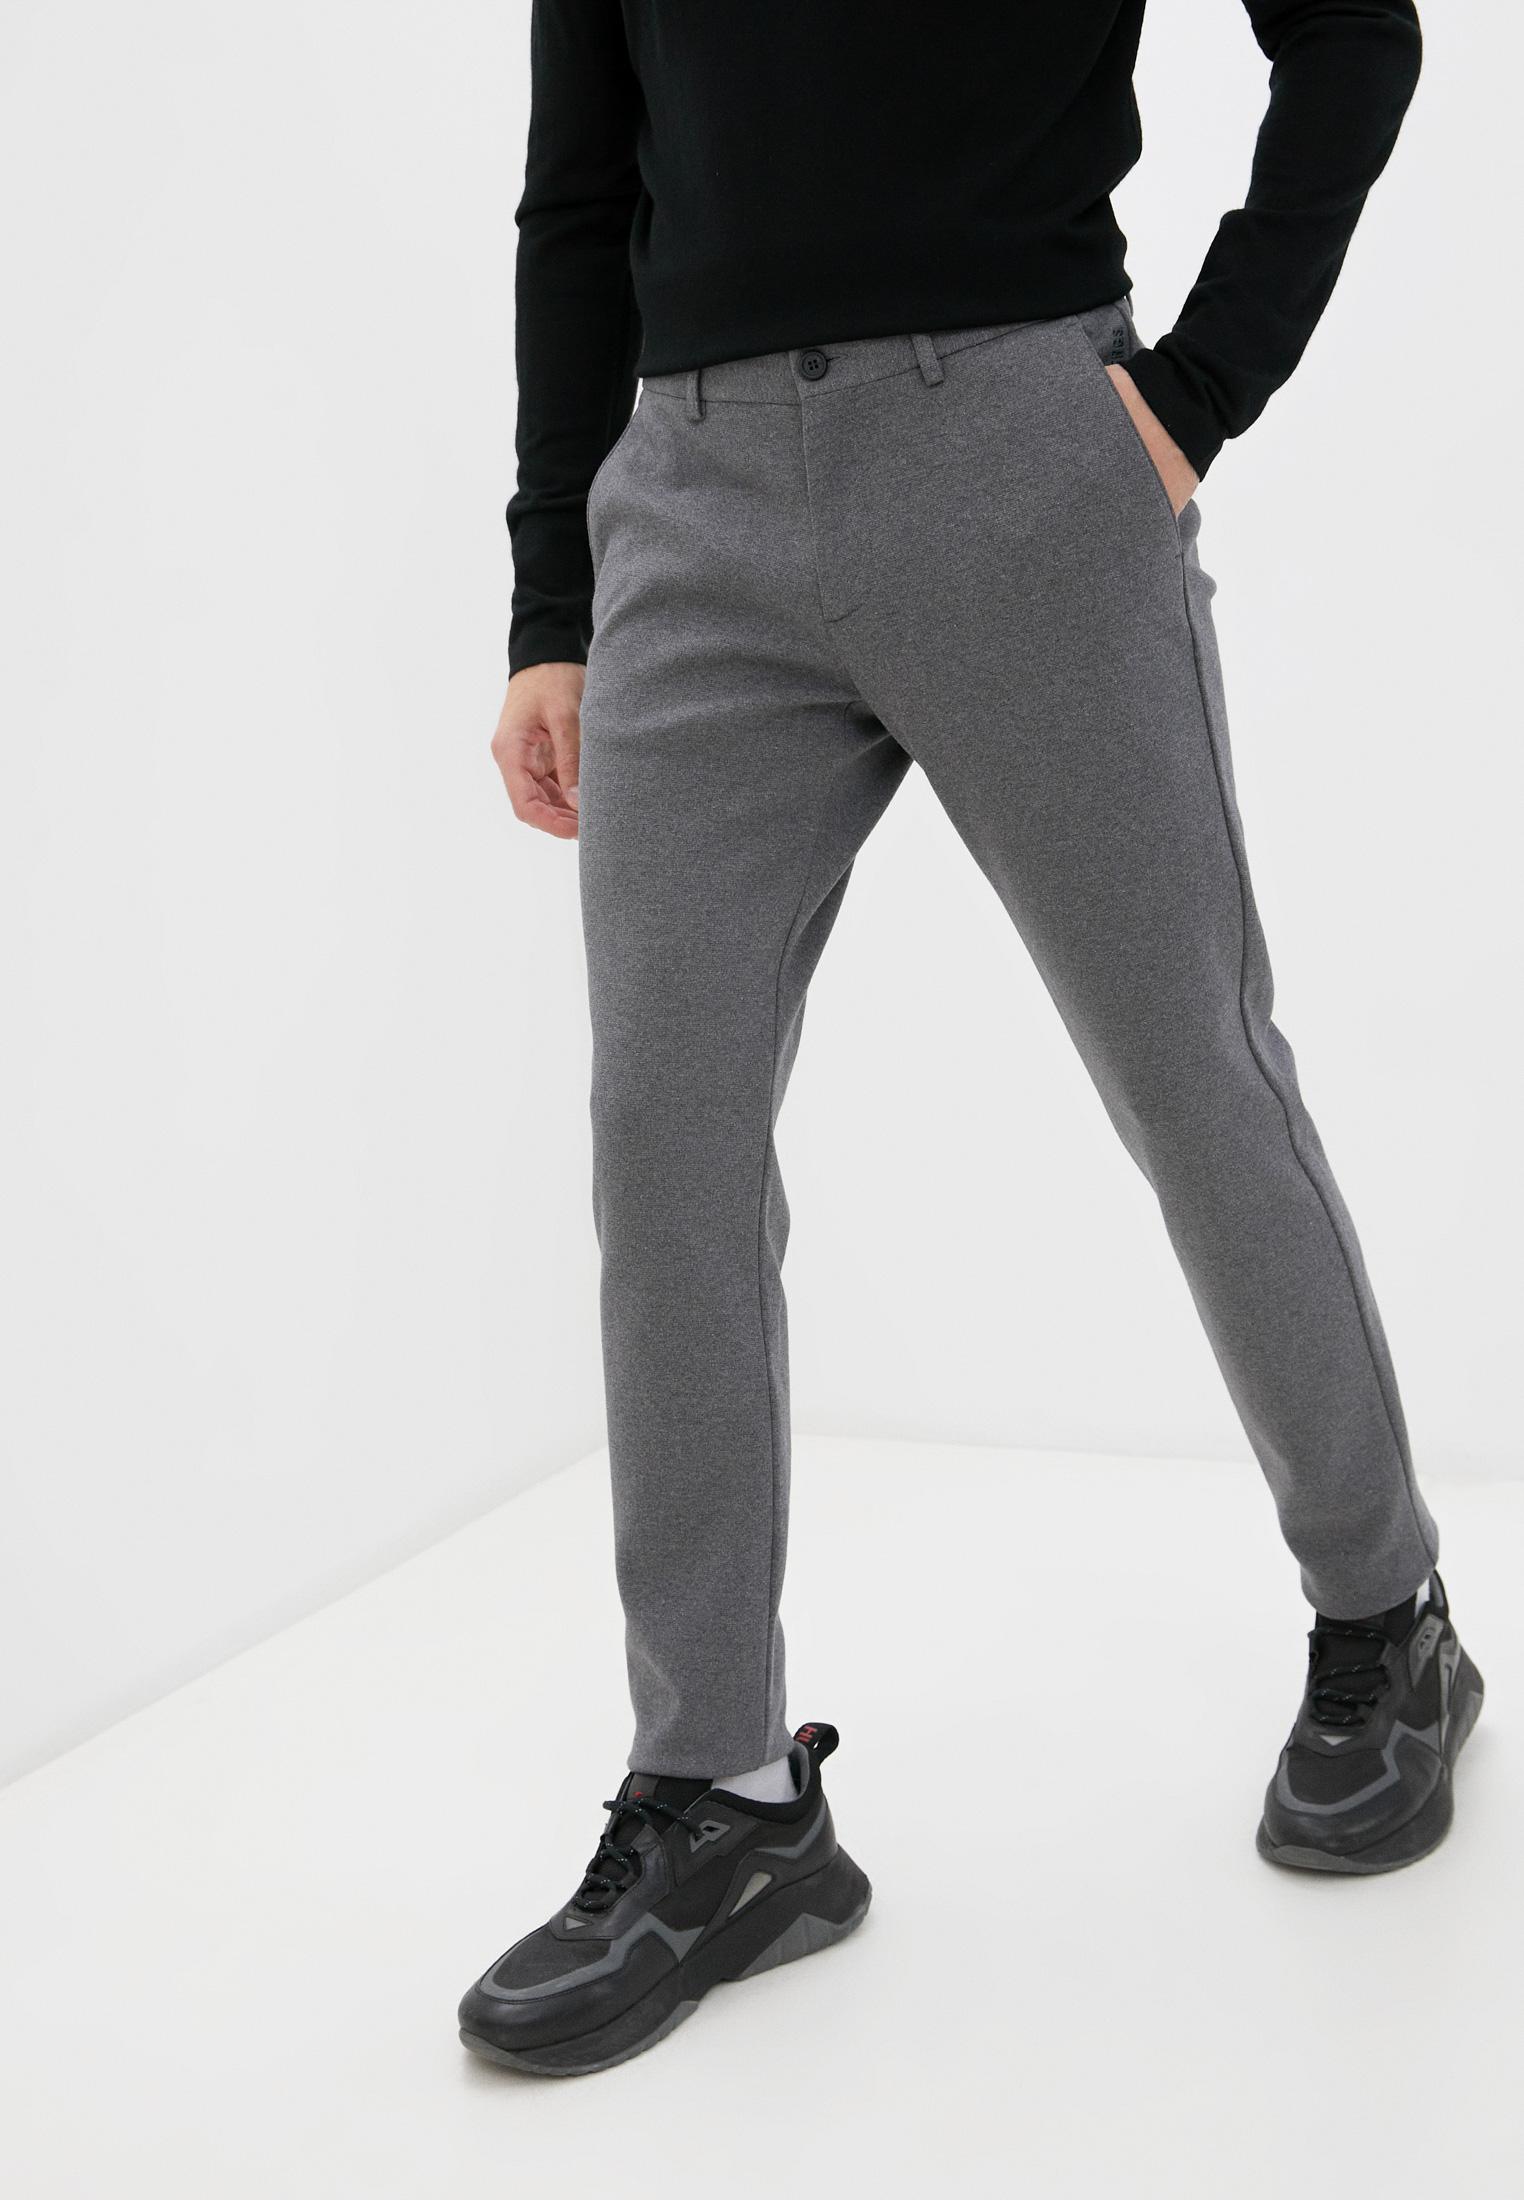 Мужские повседневные брюки Bikkembergs (Биккембергс) C 1 115 01 M 4114: изображение 1